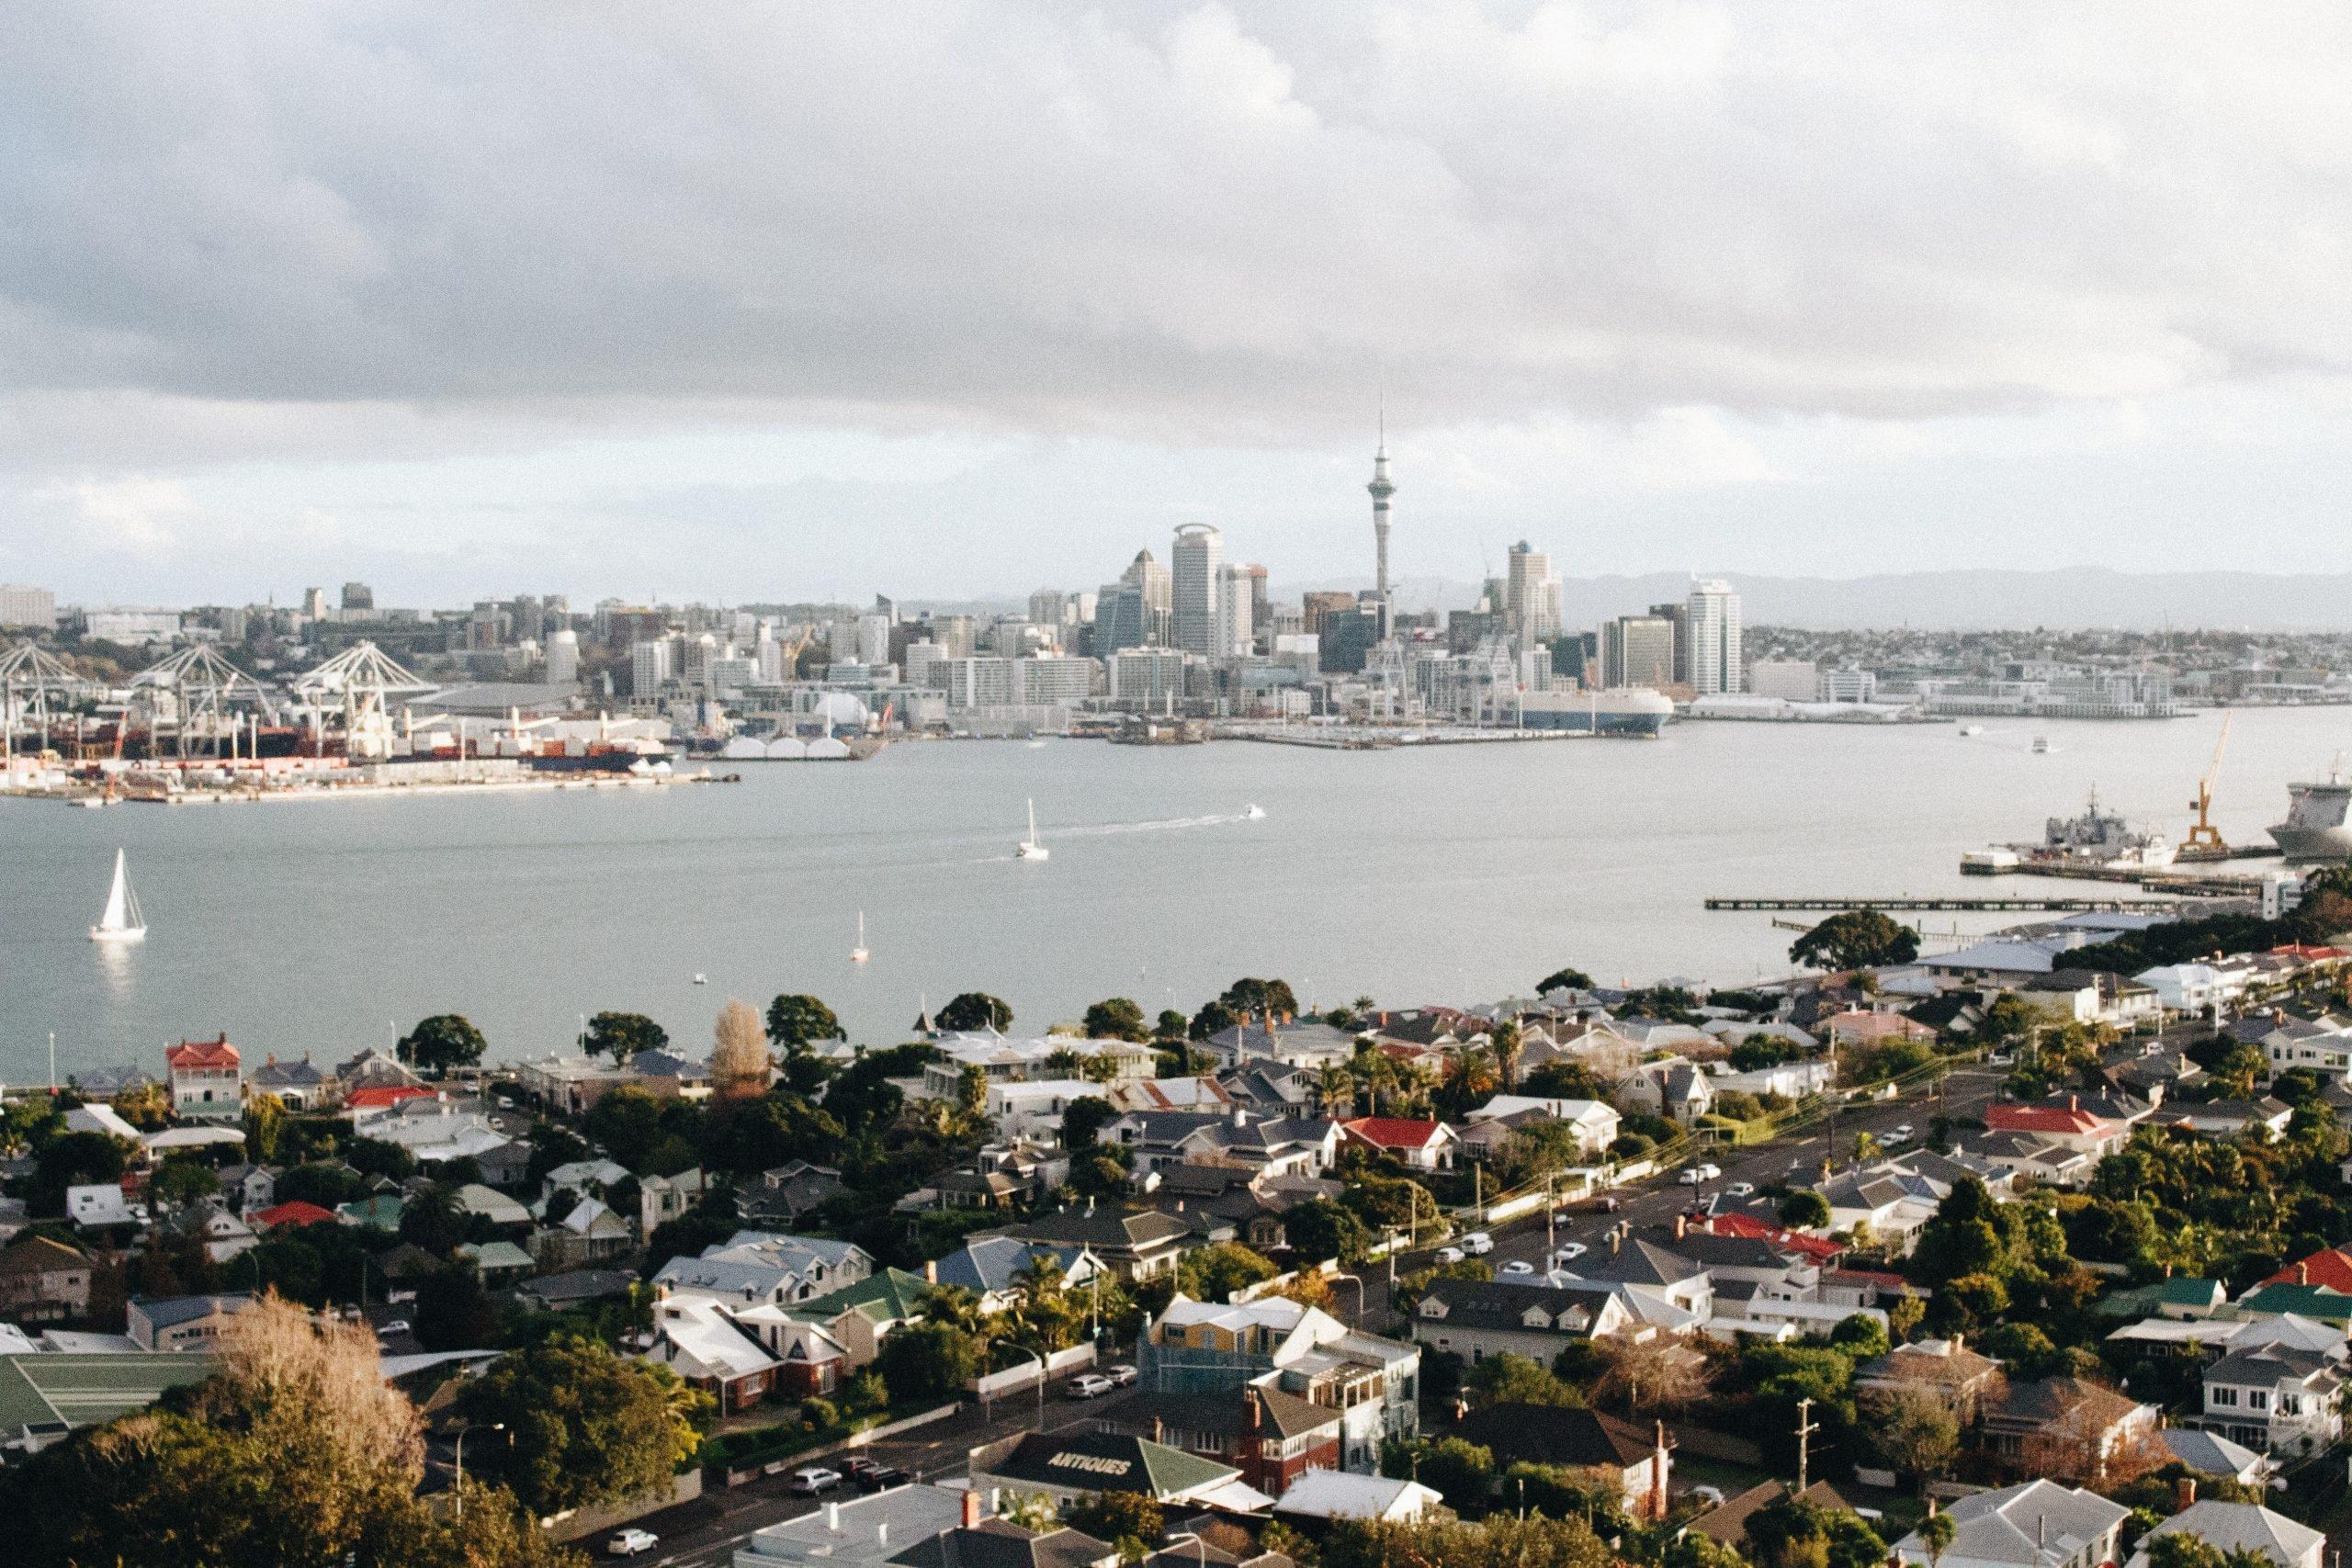 Moonen Yachts Sydney to Auckland Ocean Race 2021